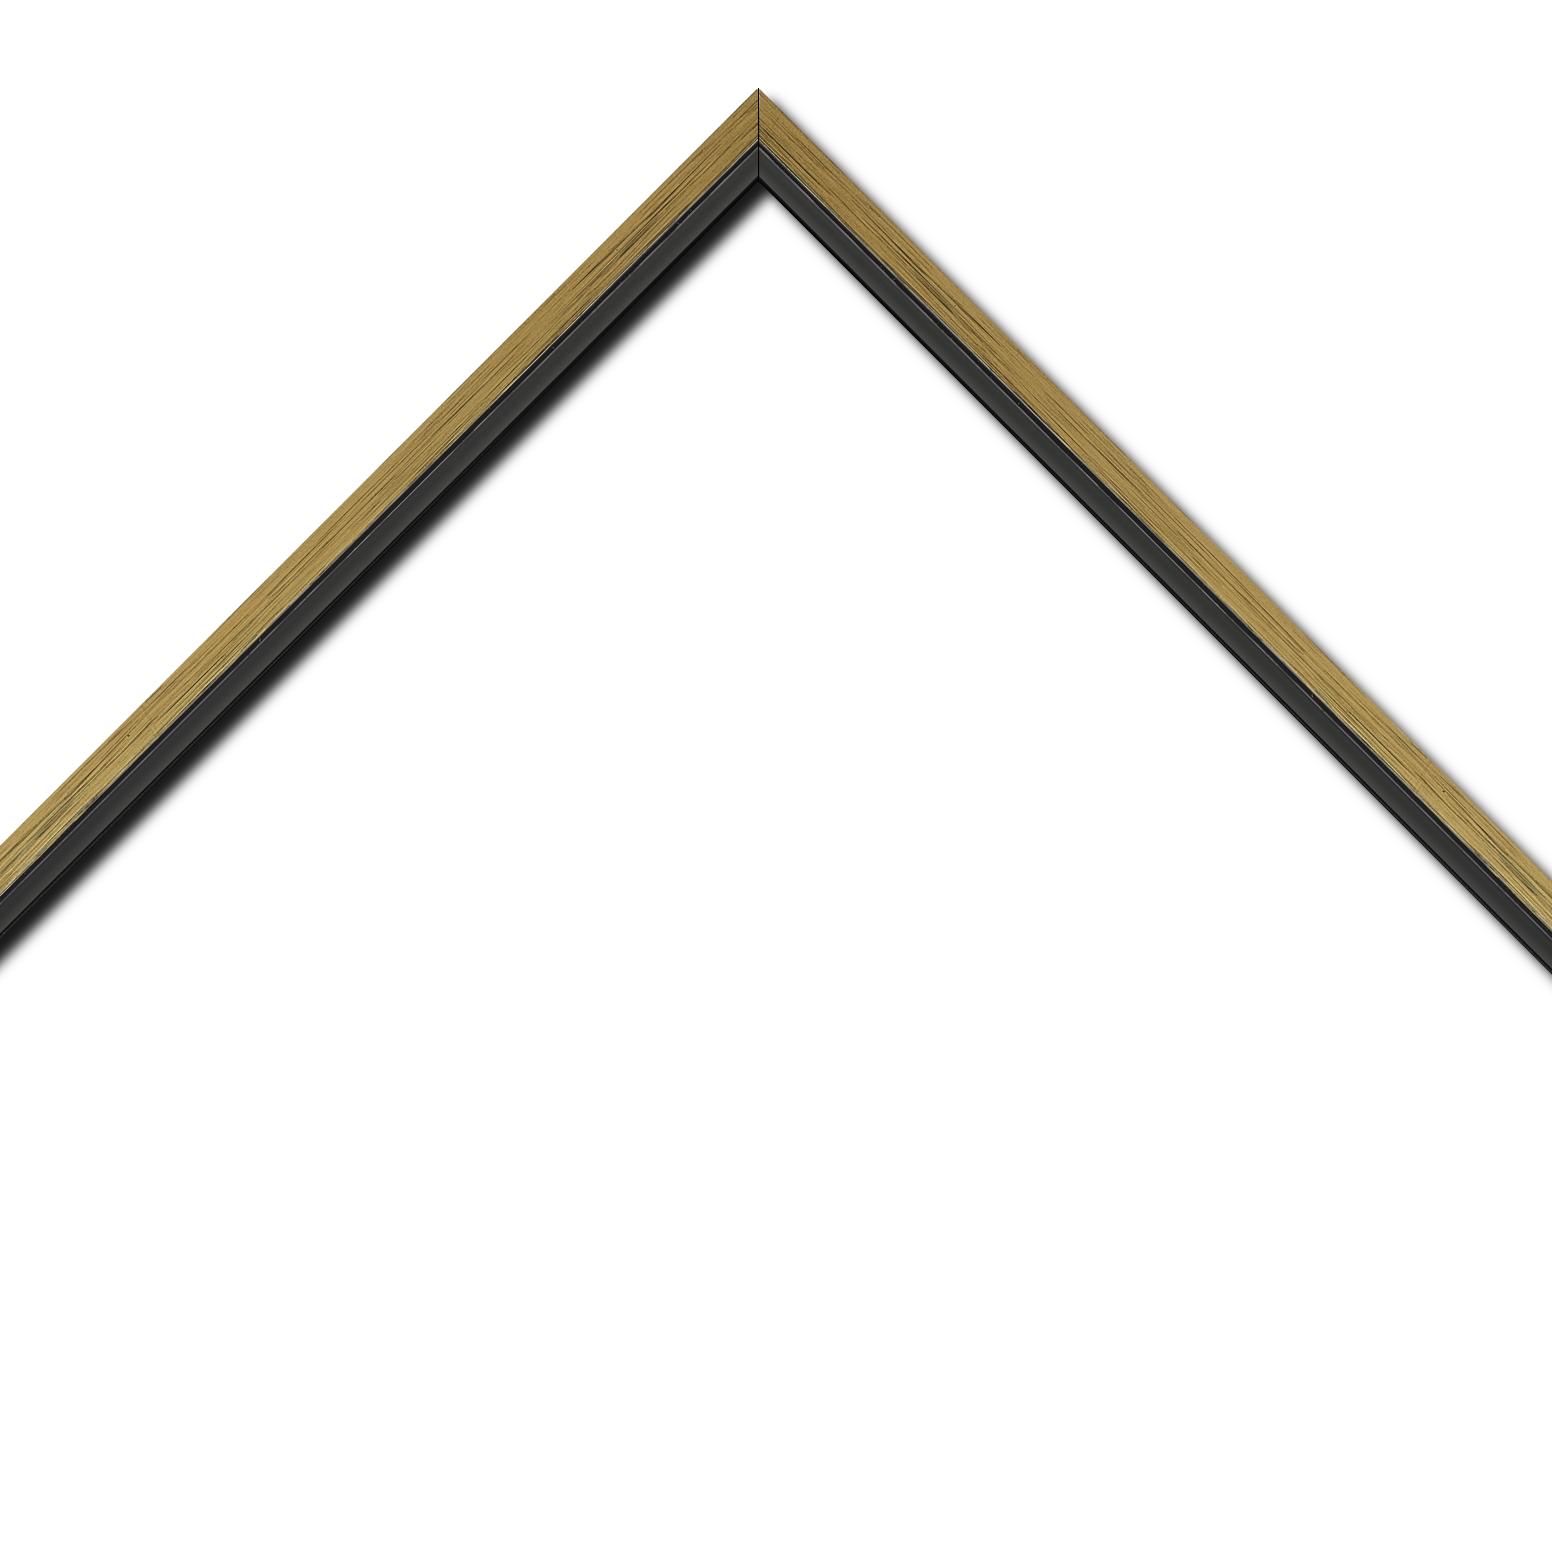 Baguette bois profil plat largeur 1.6cm couleur or contemporain filet noir en retrait de la face du cadre de 6mm assurant un effet très original